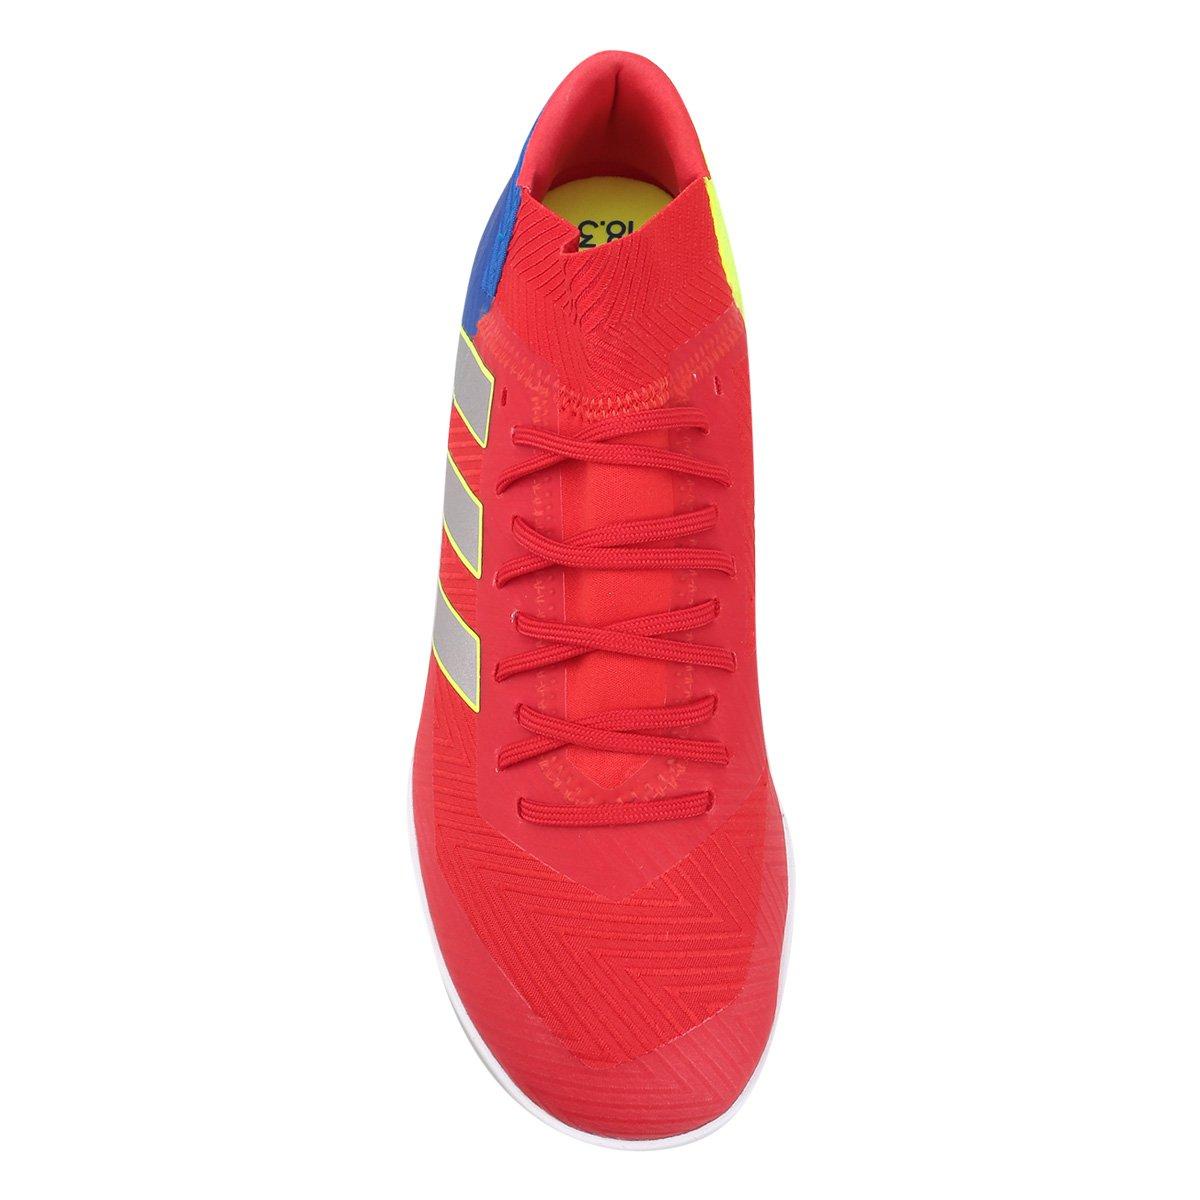 a154c716a9 Chuteira Futsal Adidas Nemeziz Messi 18 3 IN - Compre Agora